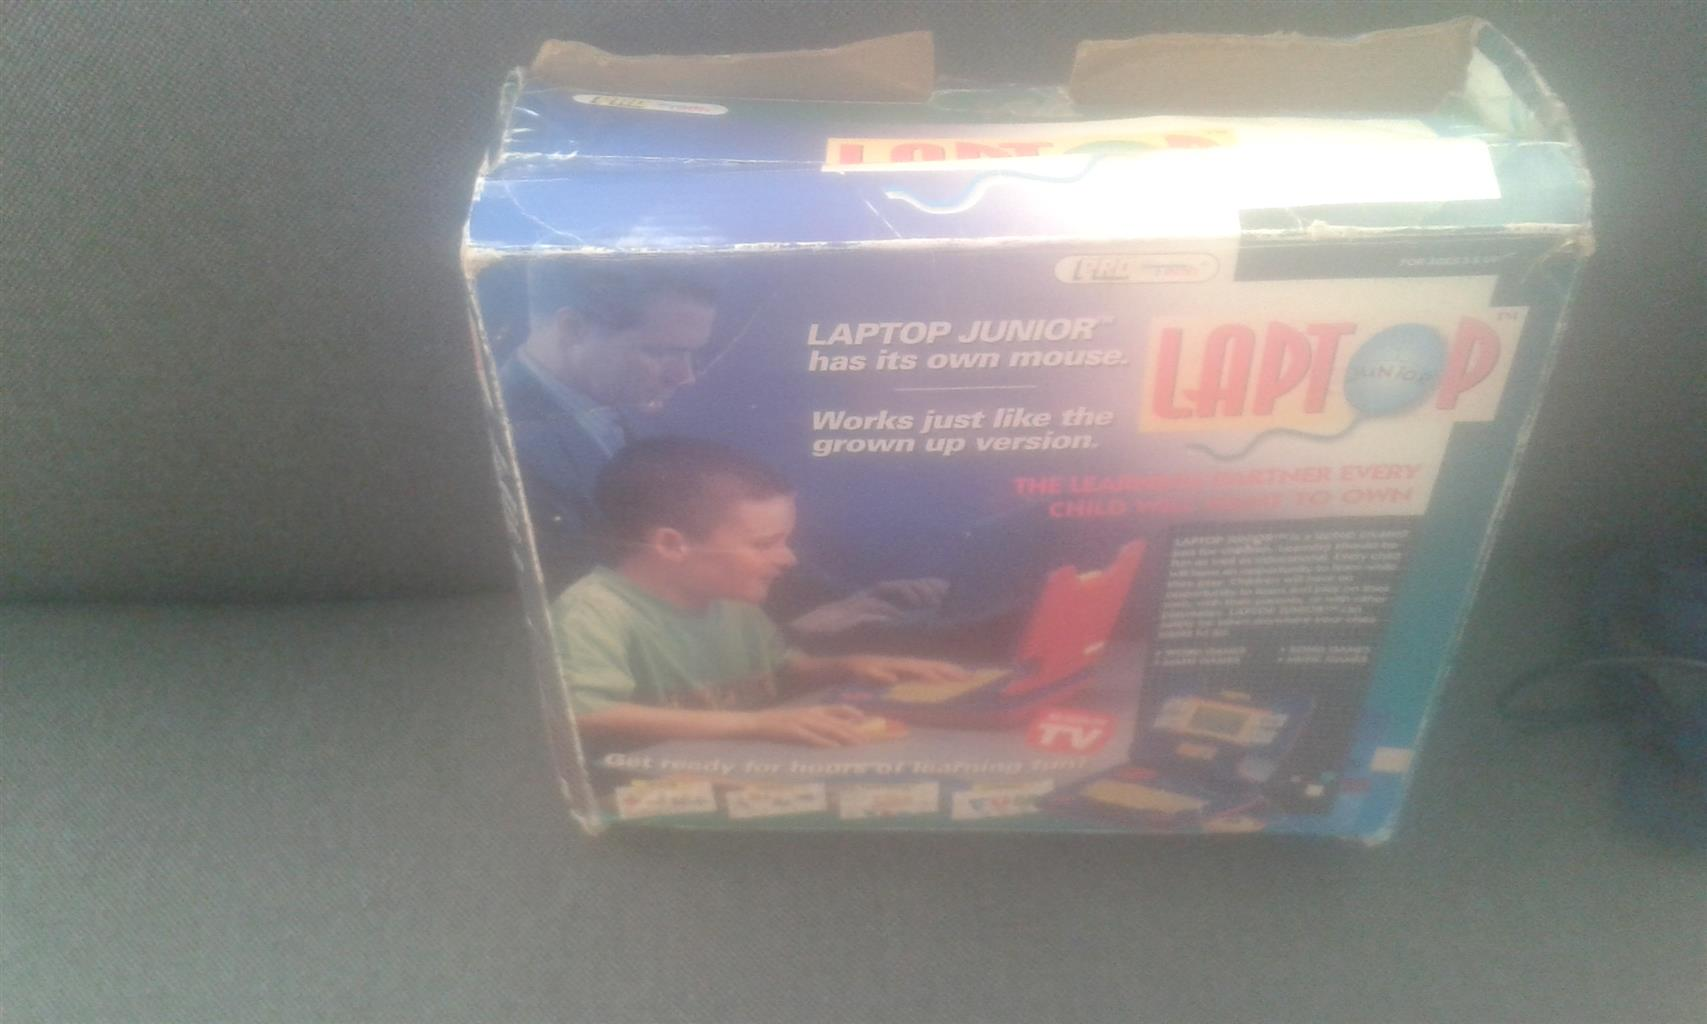 Laptop Junior